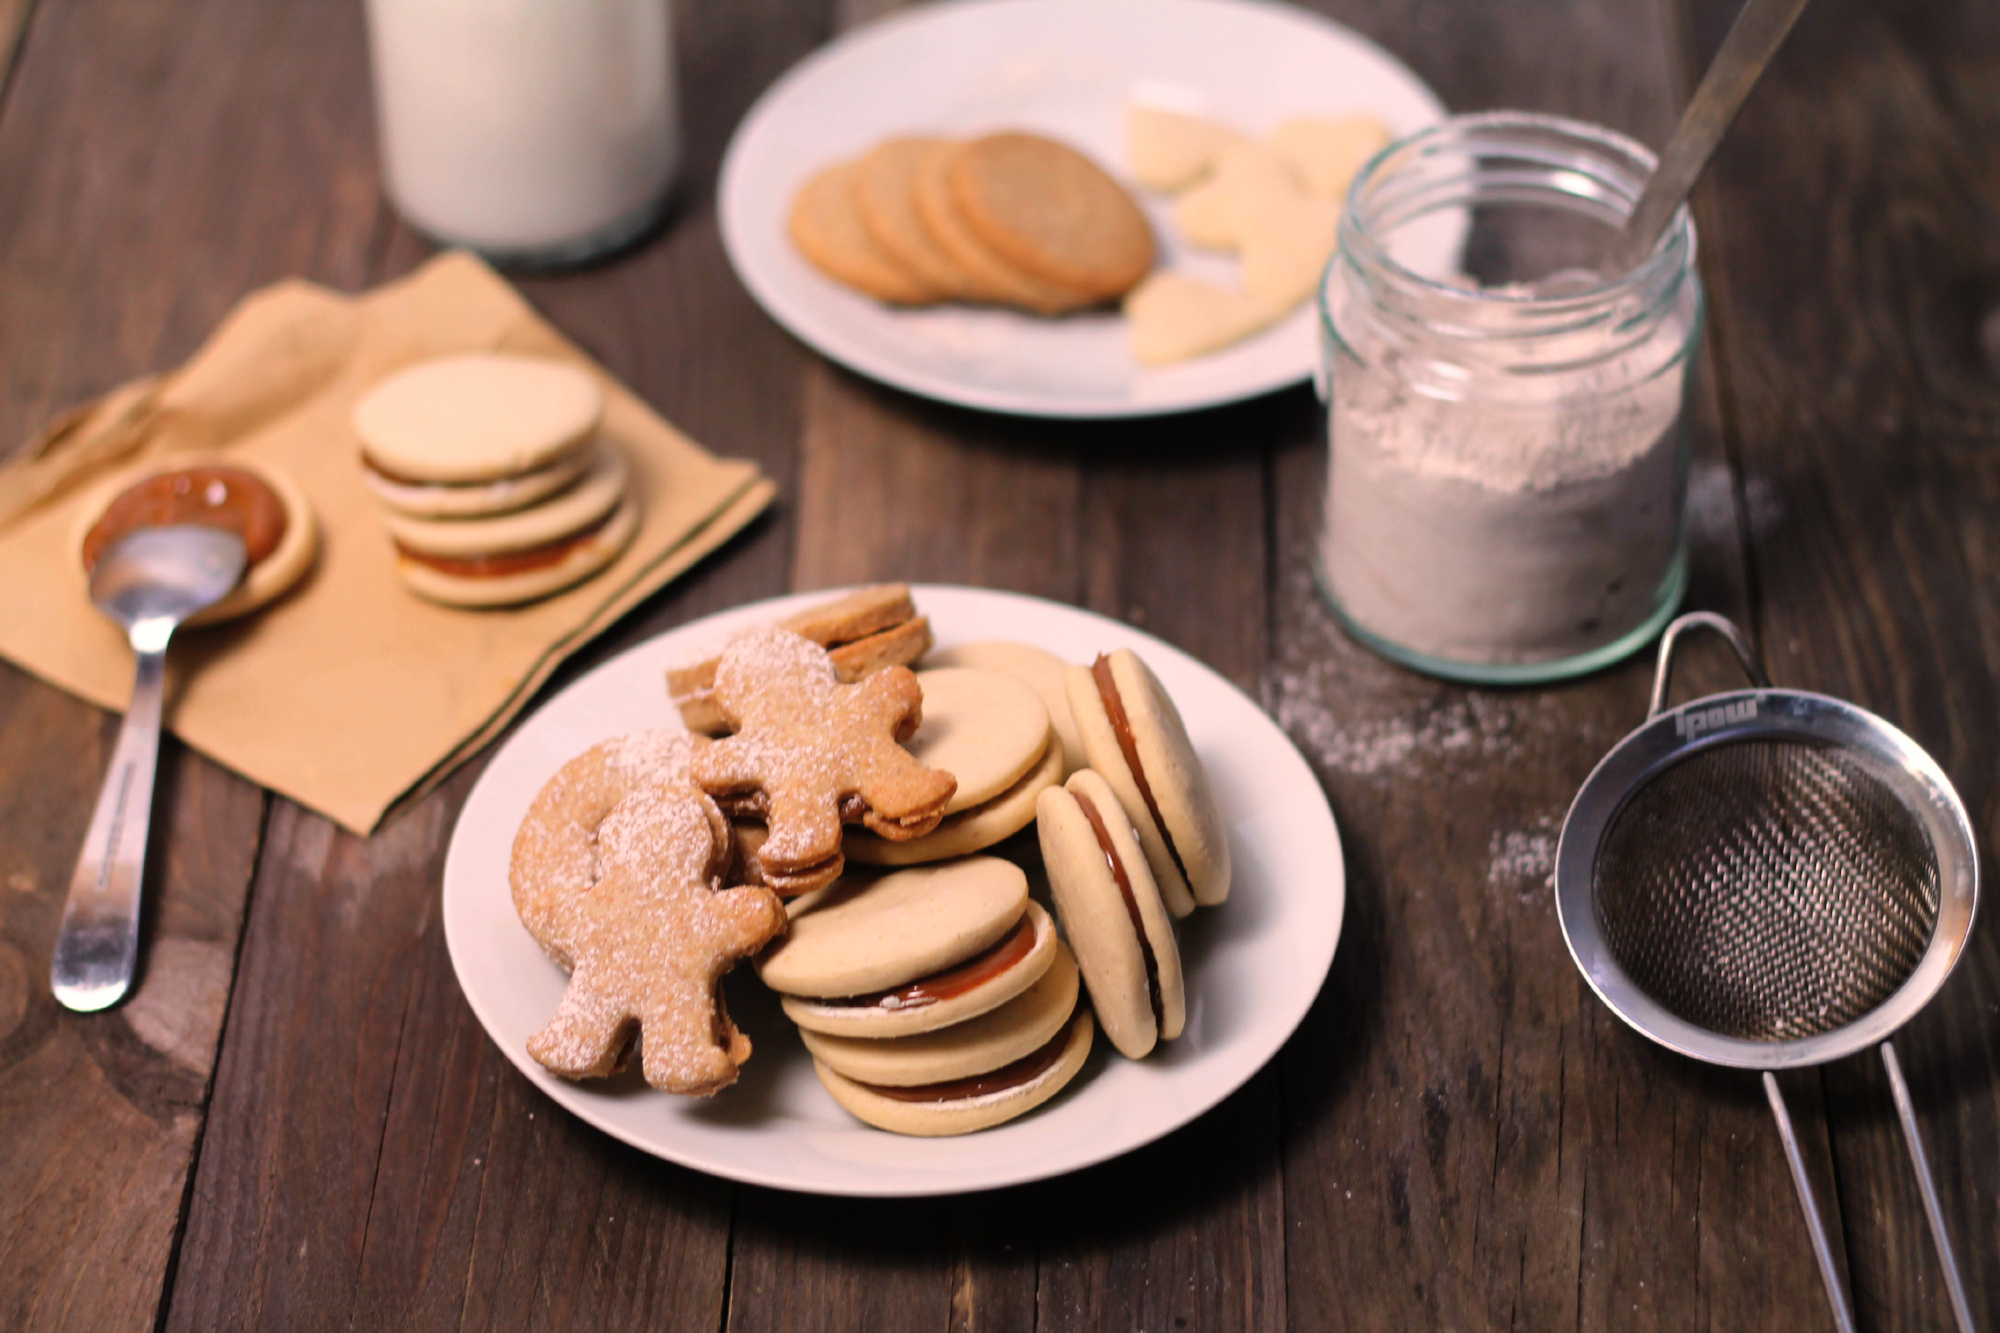 Vánoční cukroví s Dulce de leche